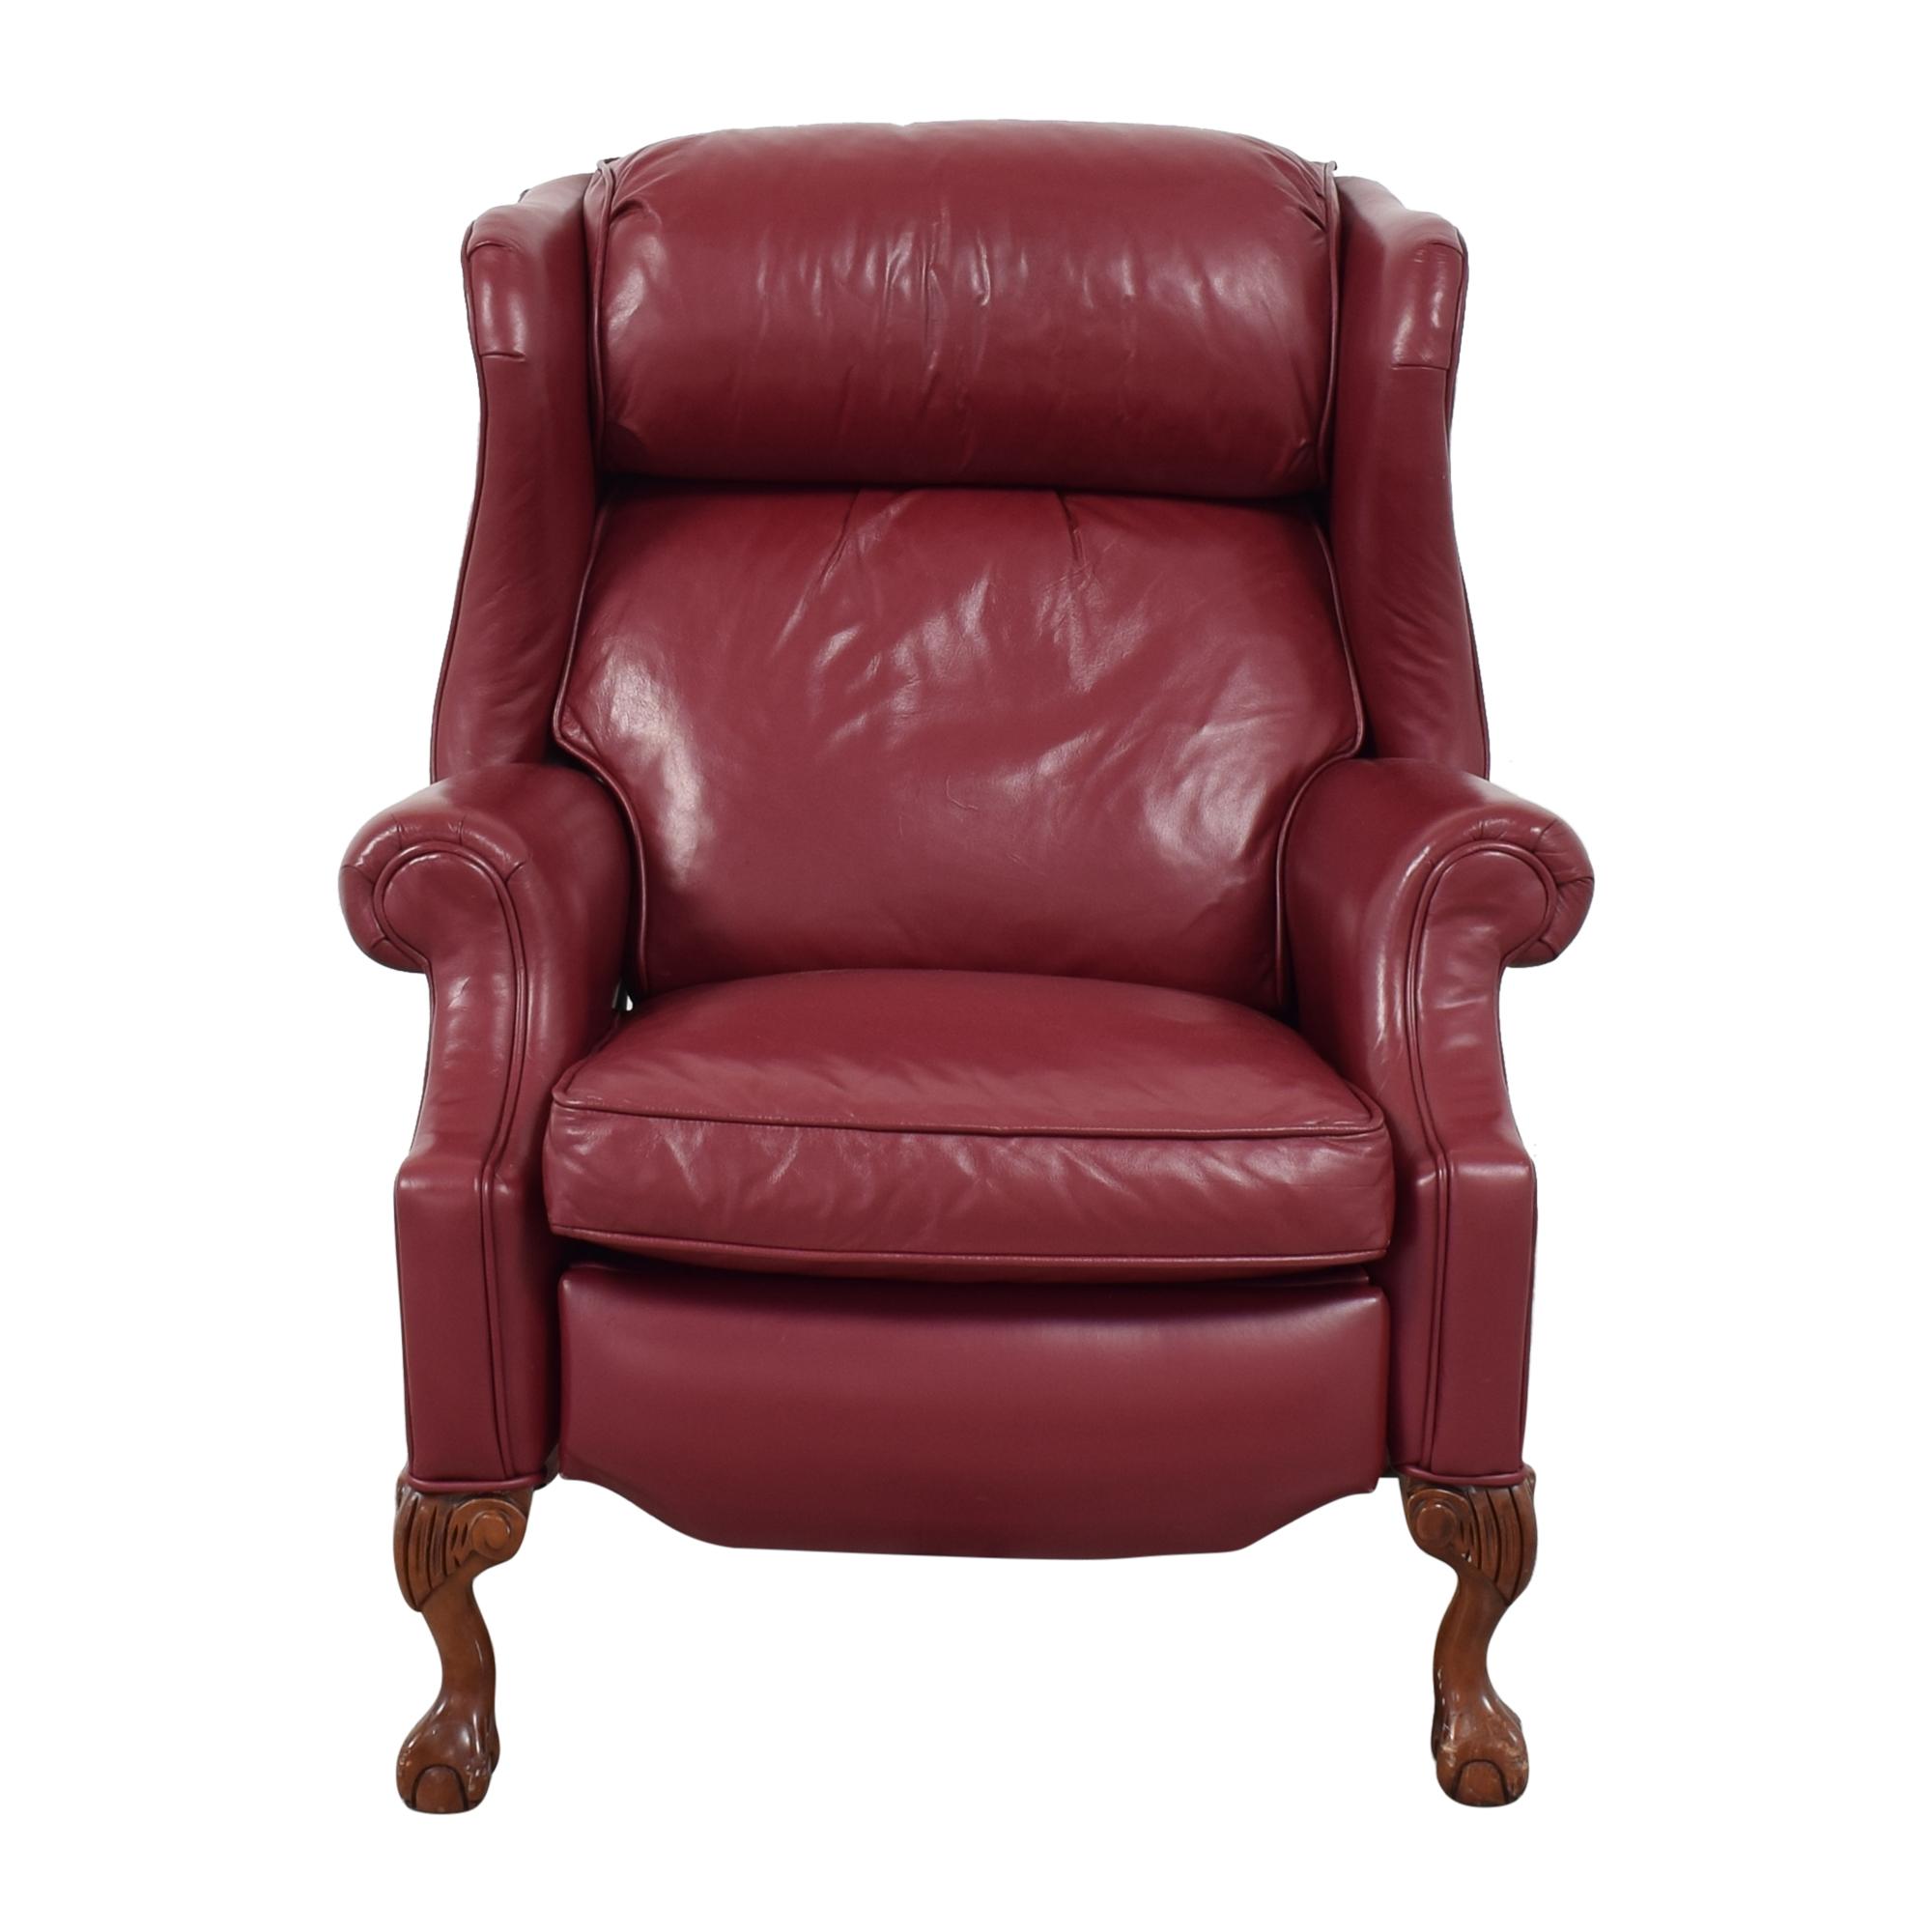 Ethan Allen Ethan Allen Roll Arm Recliner Chair Recliners